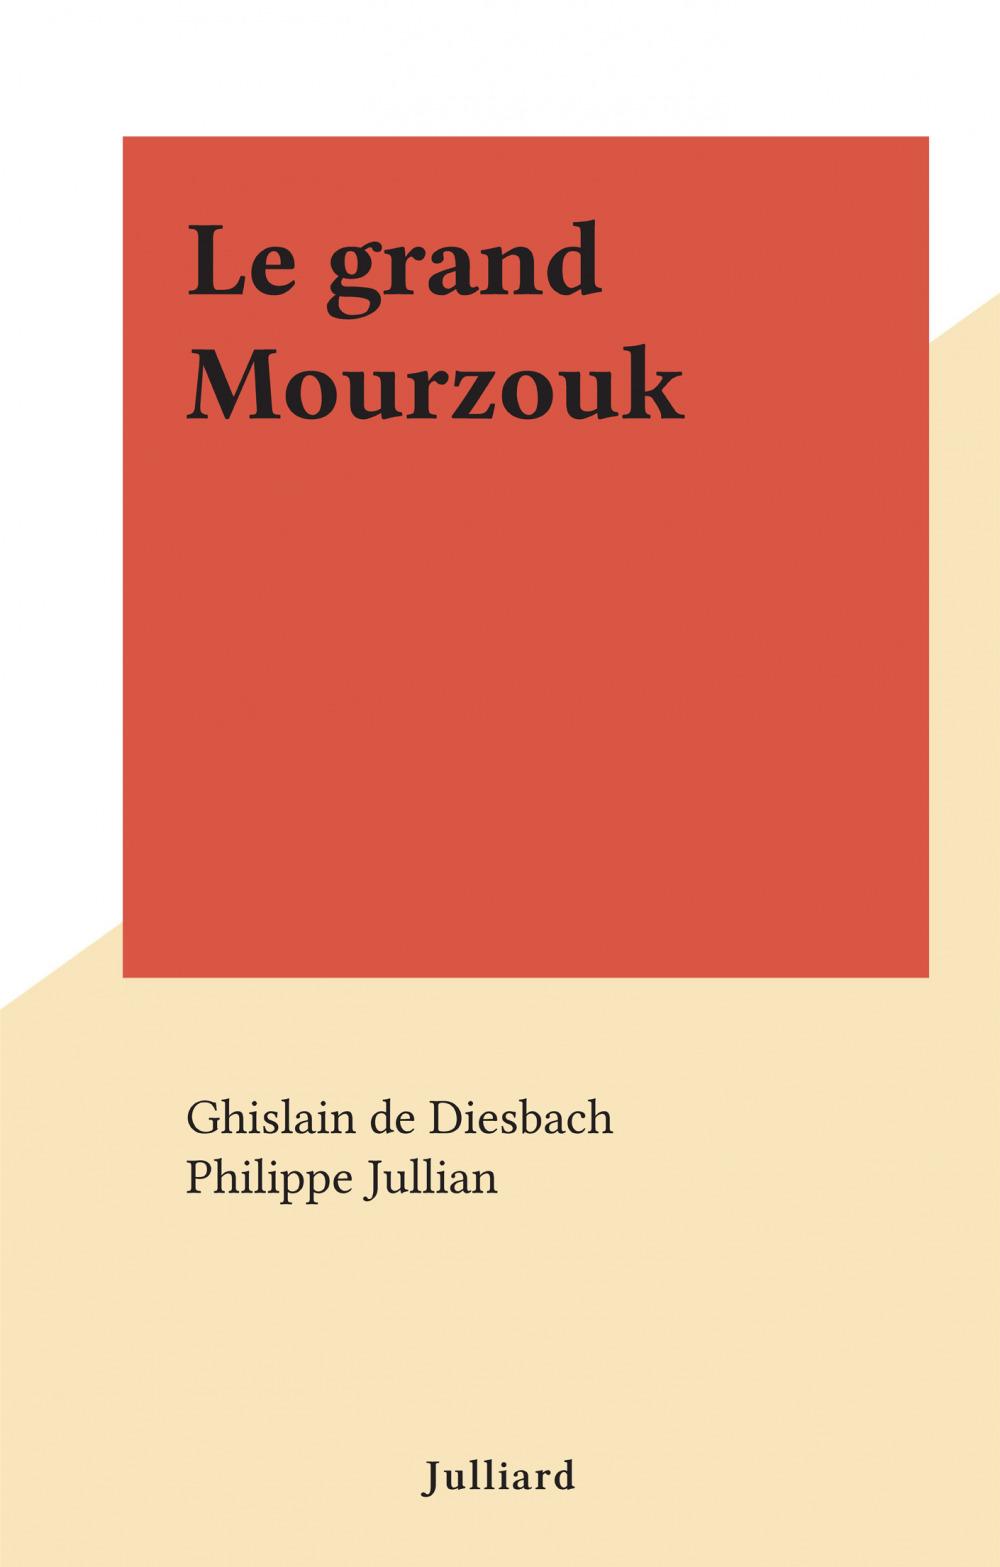 Le grand Mourzouk  - Ghislain de Diesbach